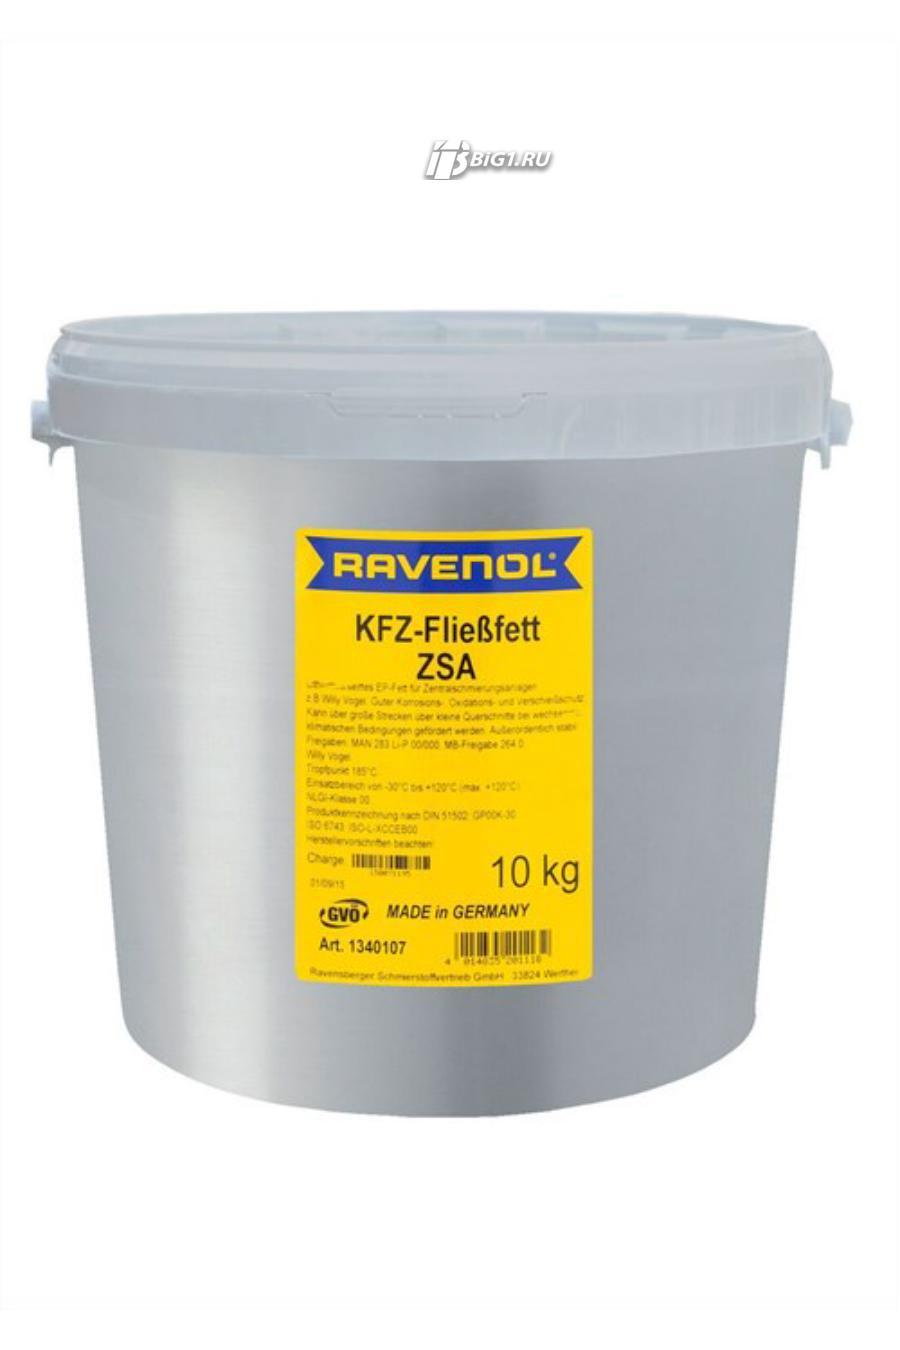 Смазка для централизованных систем смазки Fliebfett ZSA